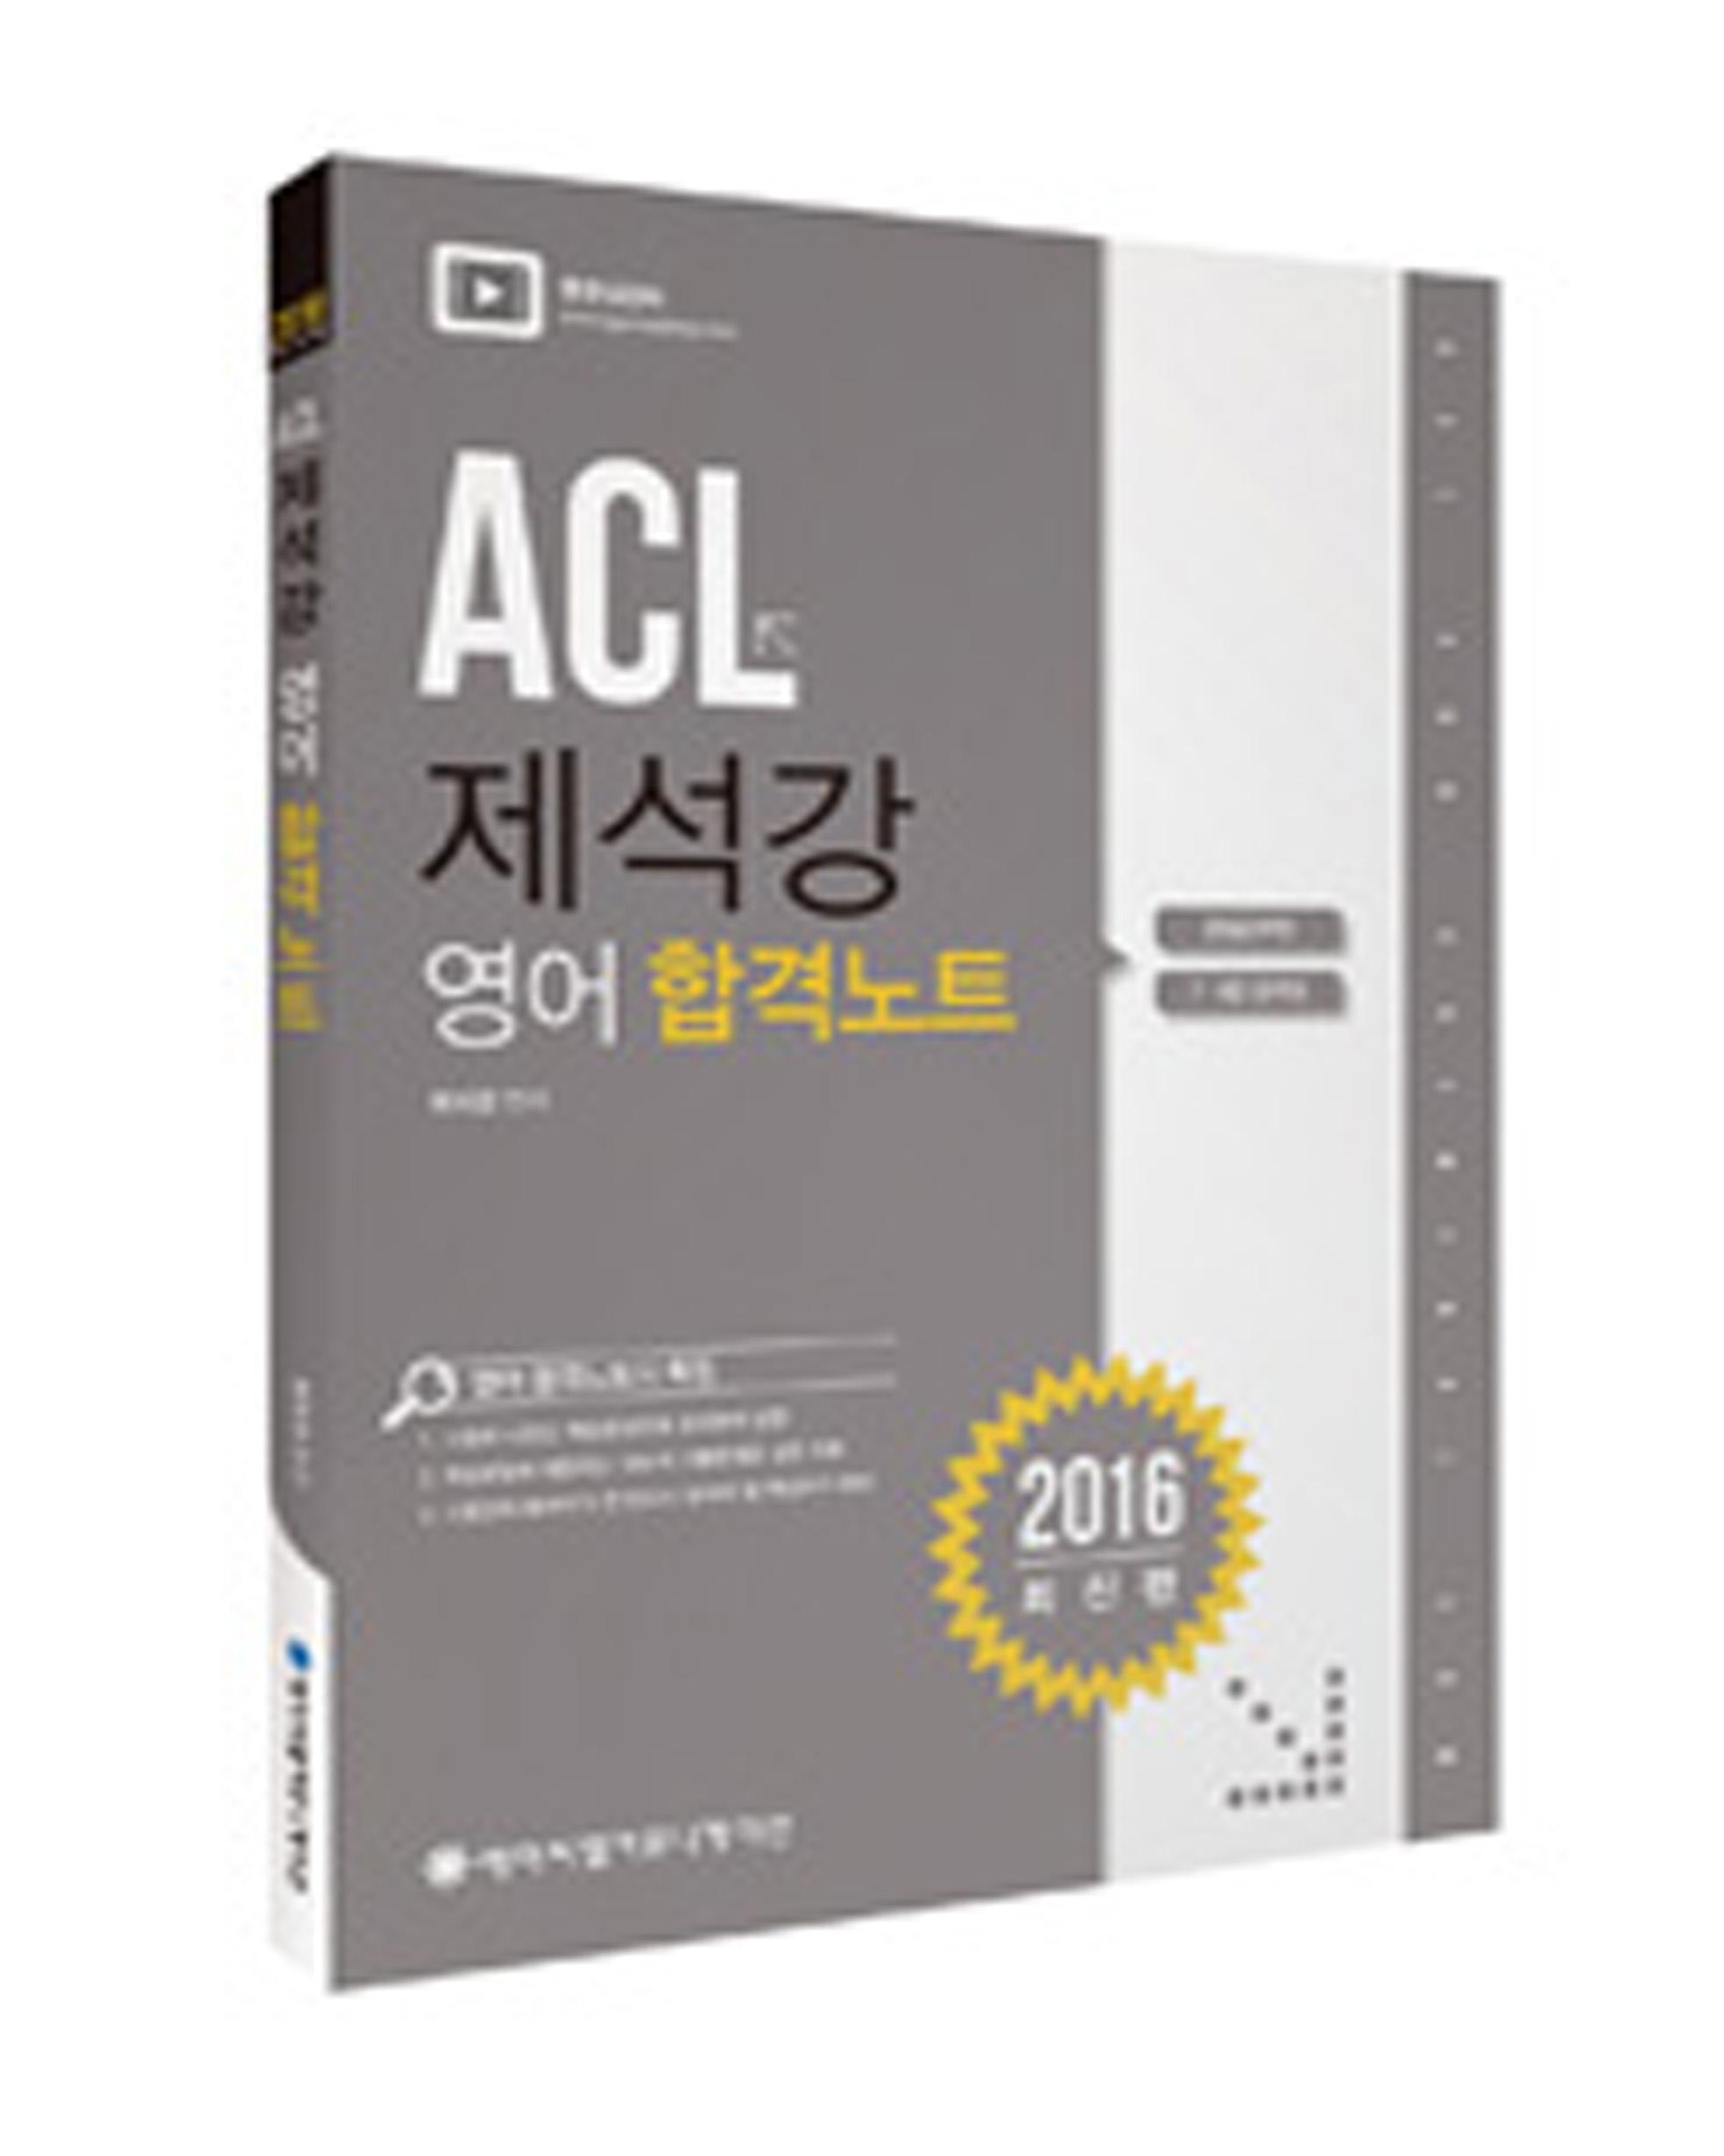 2016 ACL 제석강 영어 합격노트